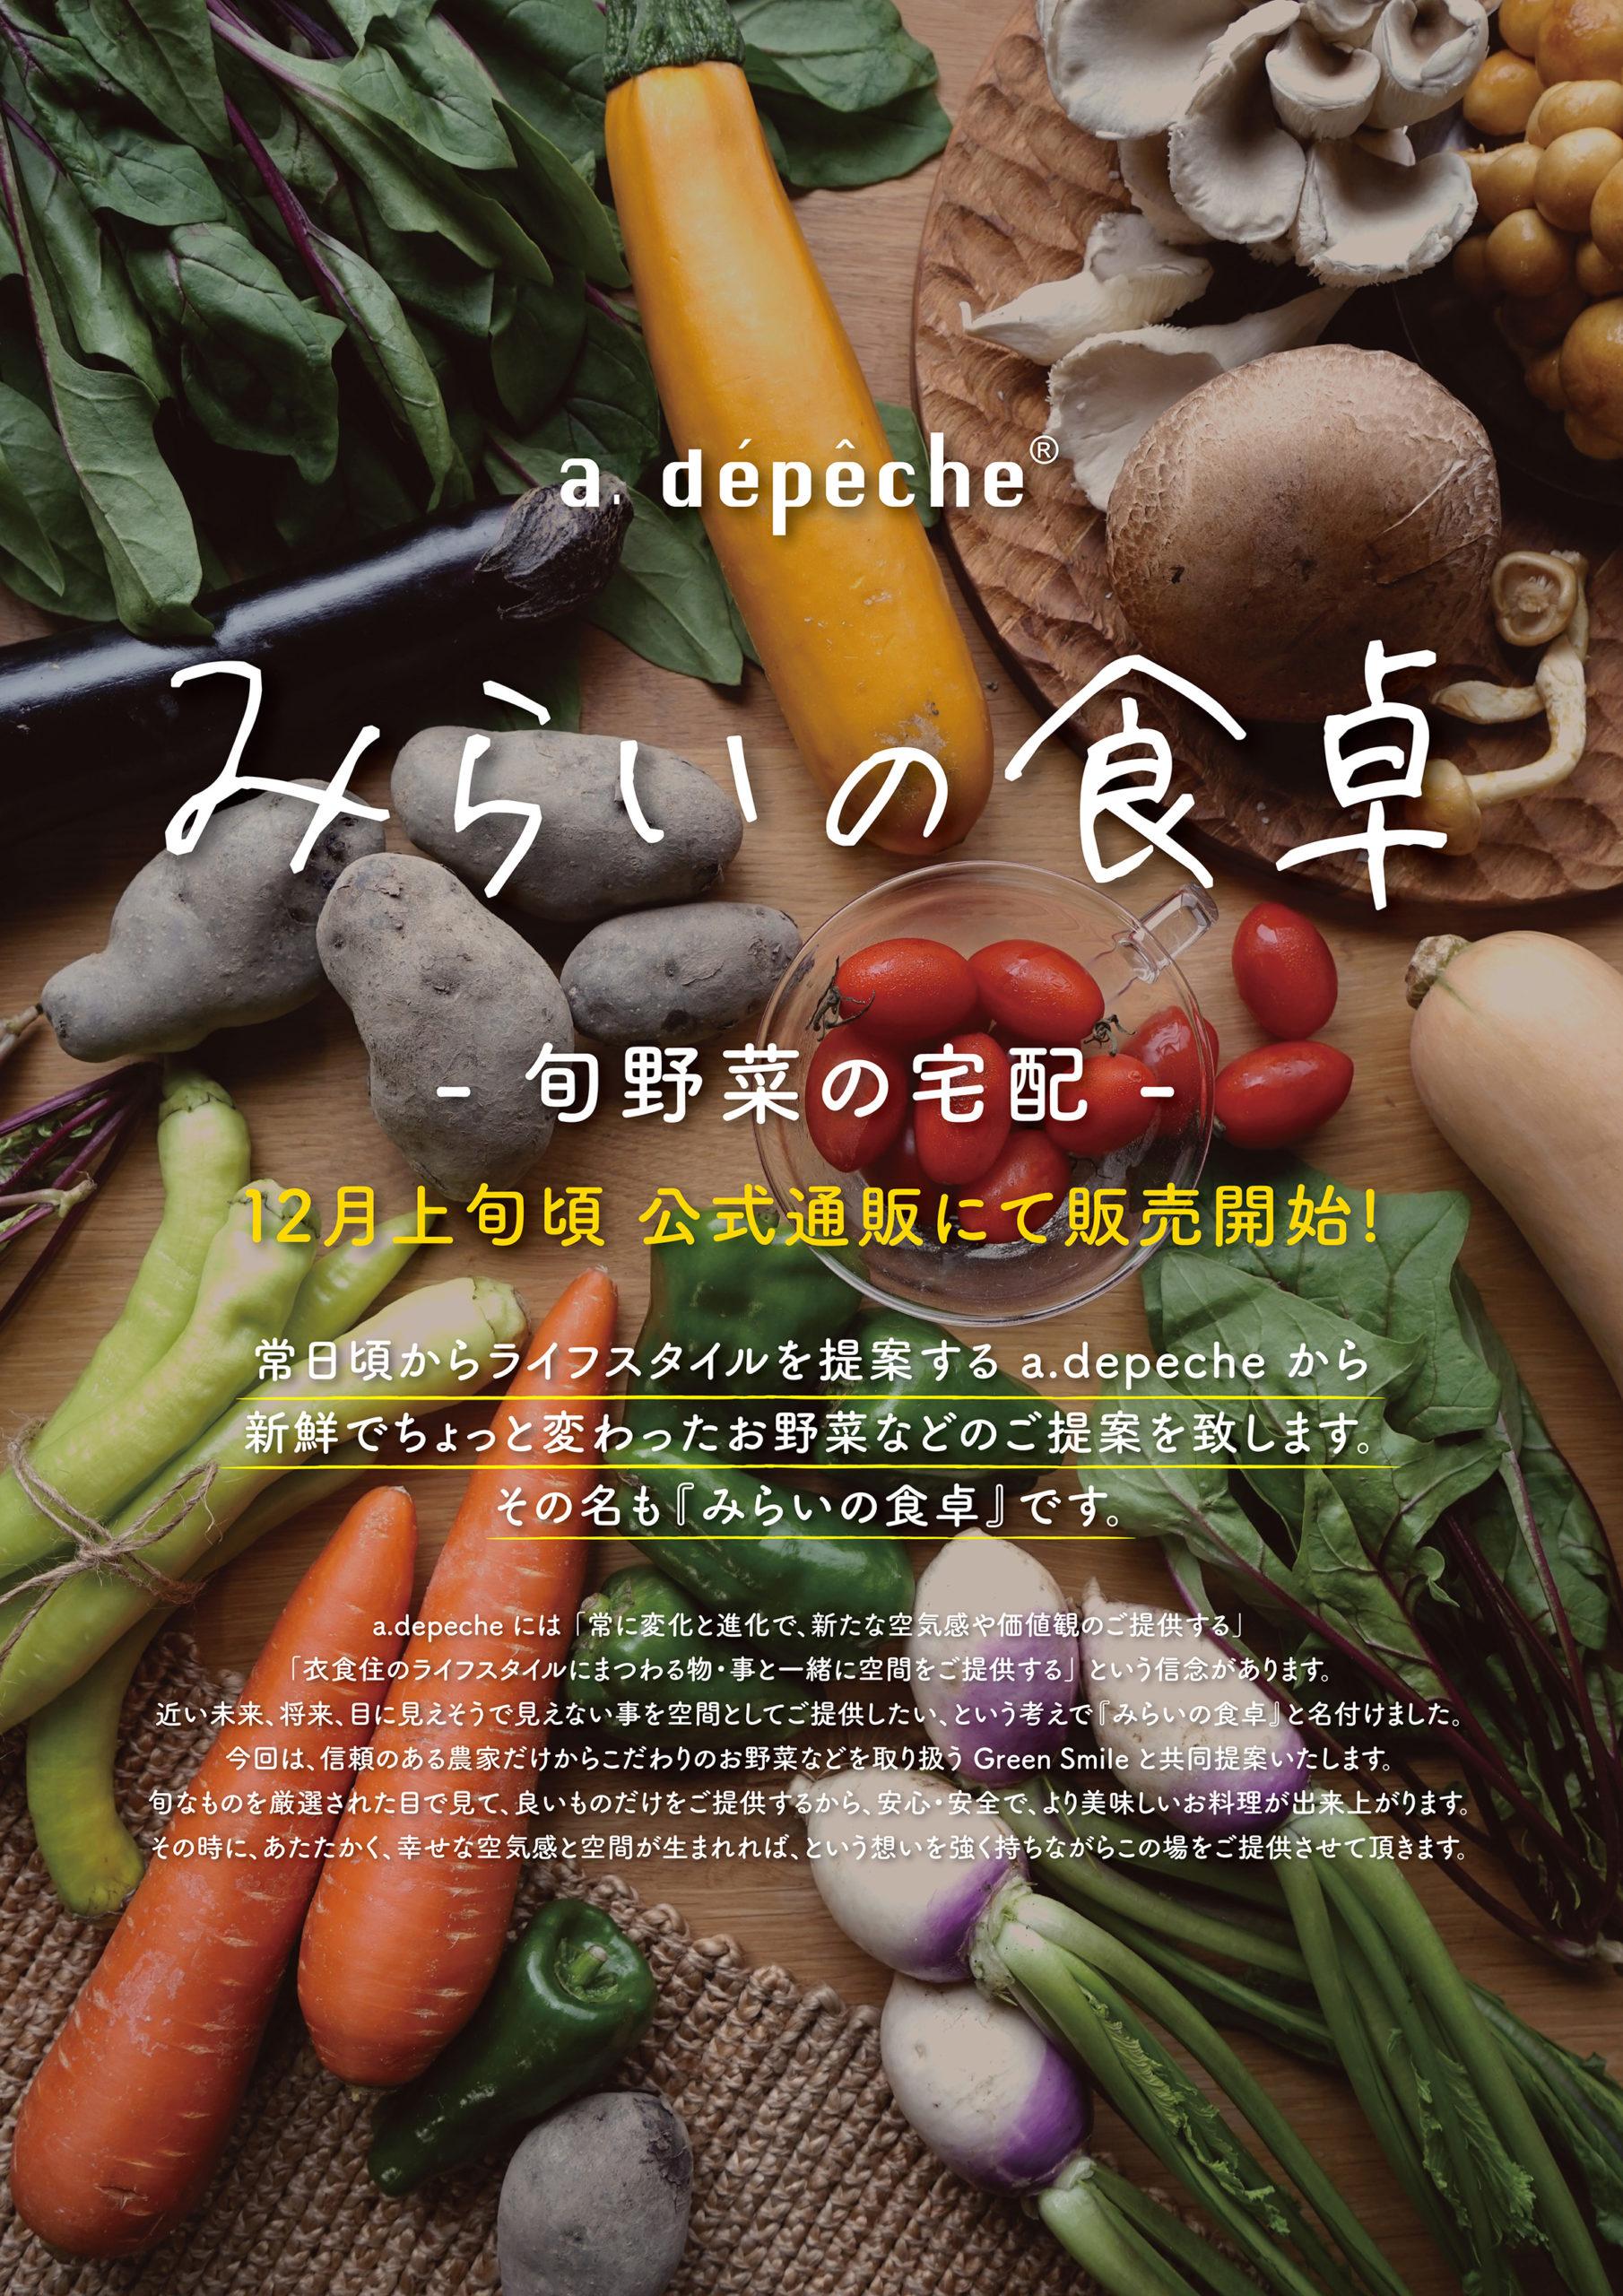 草津マルシェ|a.depeche草津店にて限定開催!